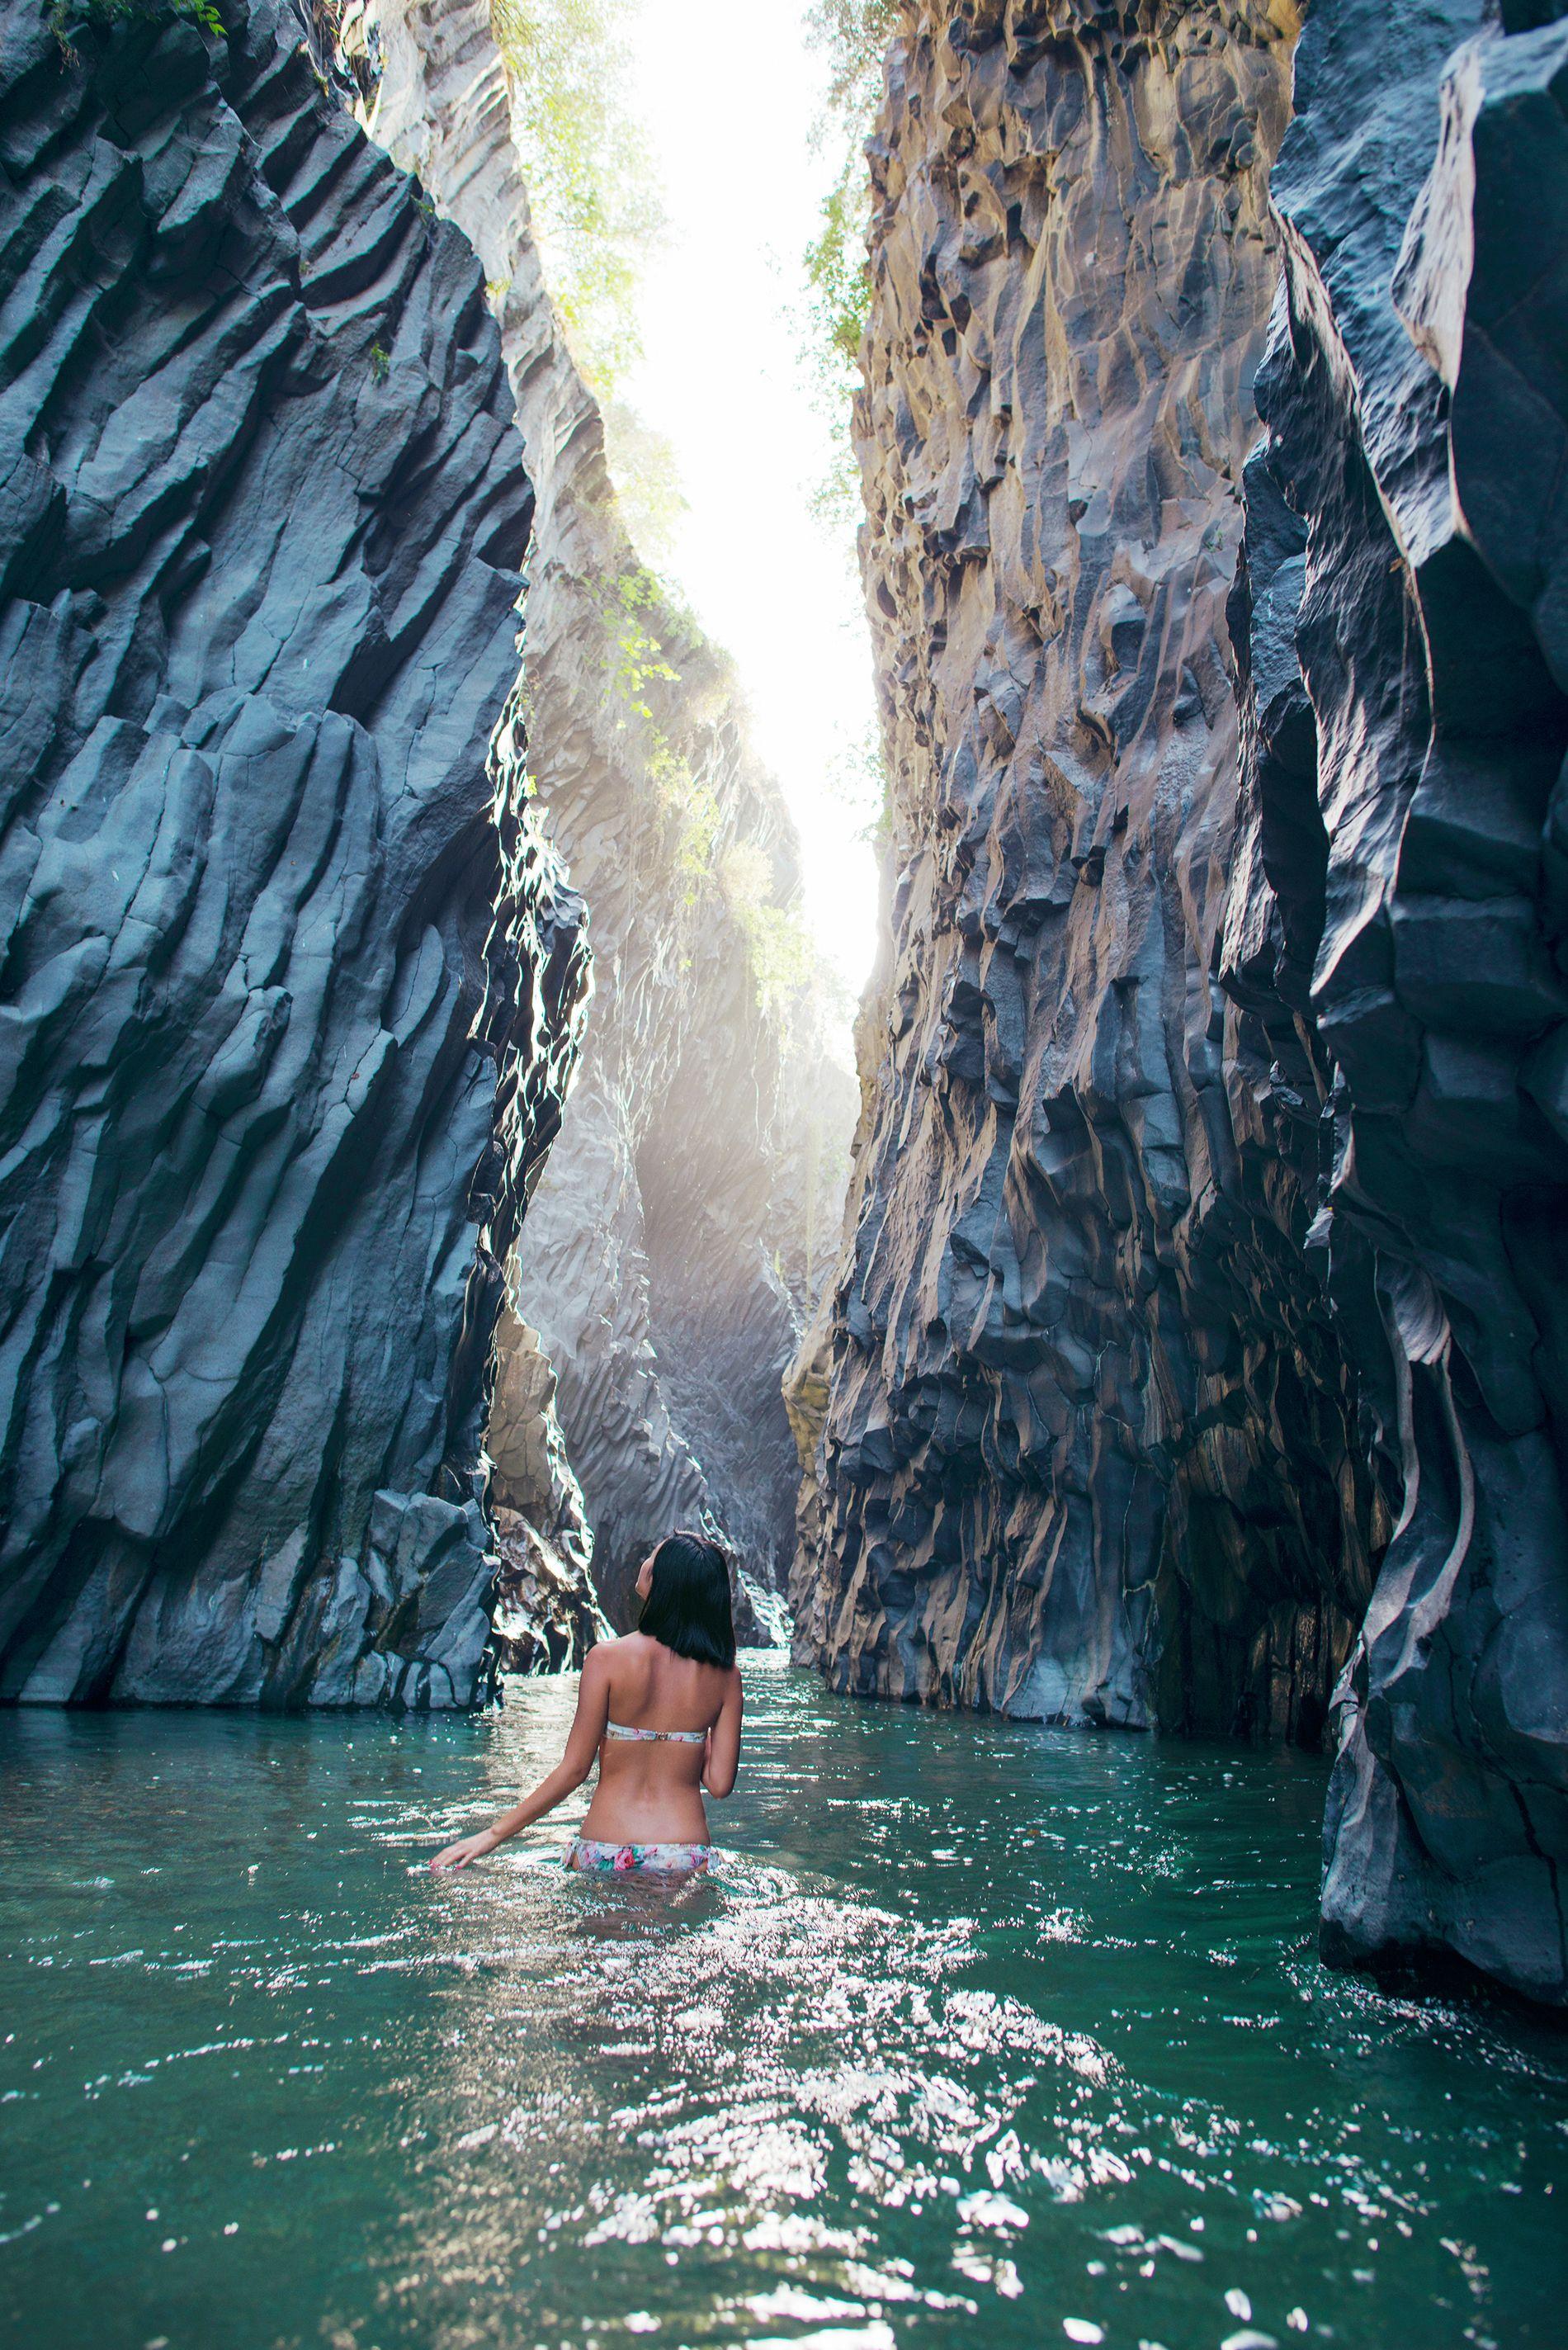 Le Gole Dell Alcantara Picture Of Gorge Sicily Tripadvisor